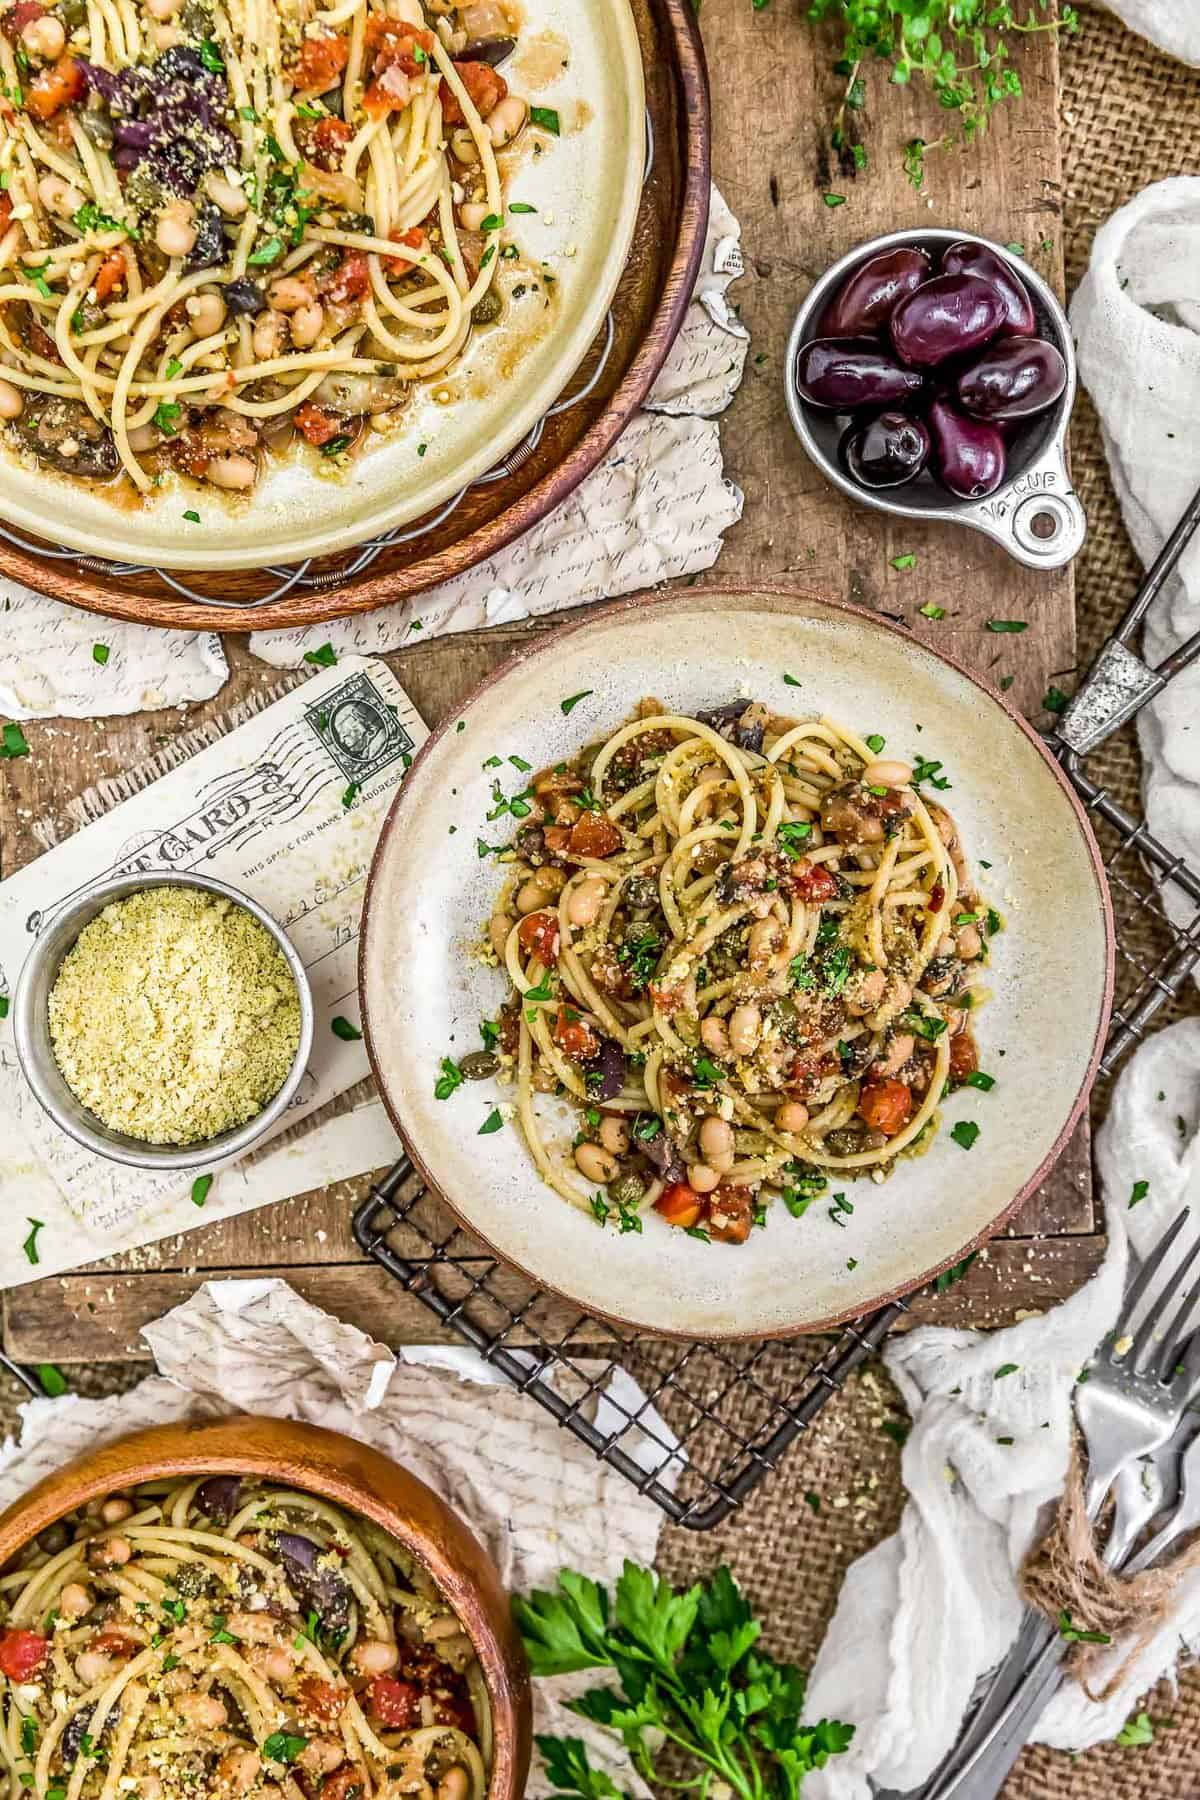 Tablescape of Pasta Puttanesca